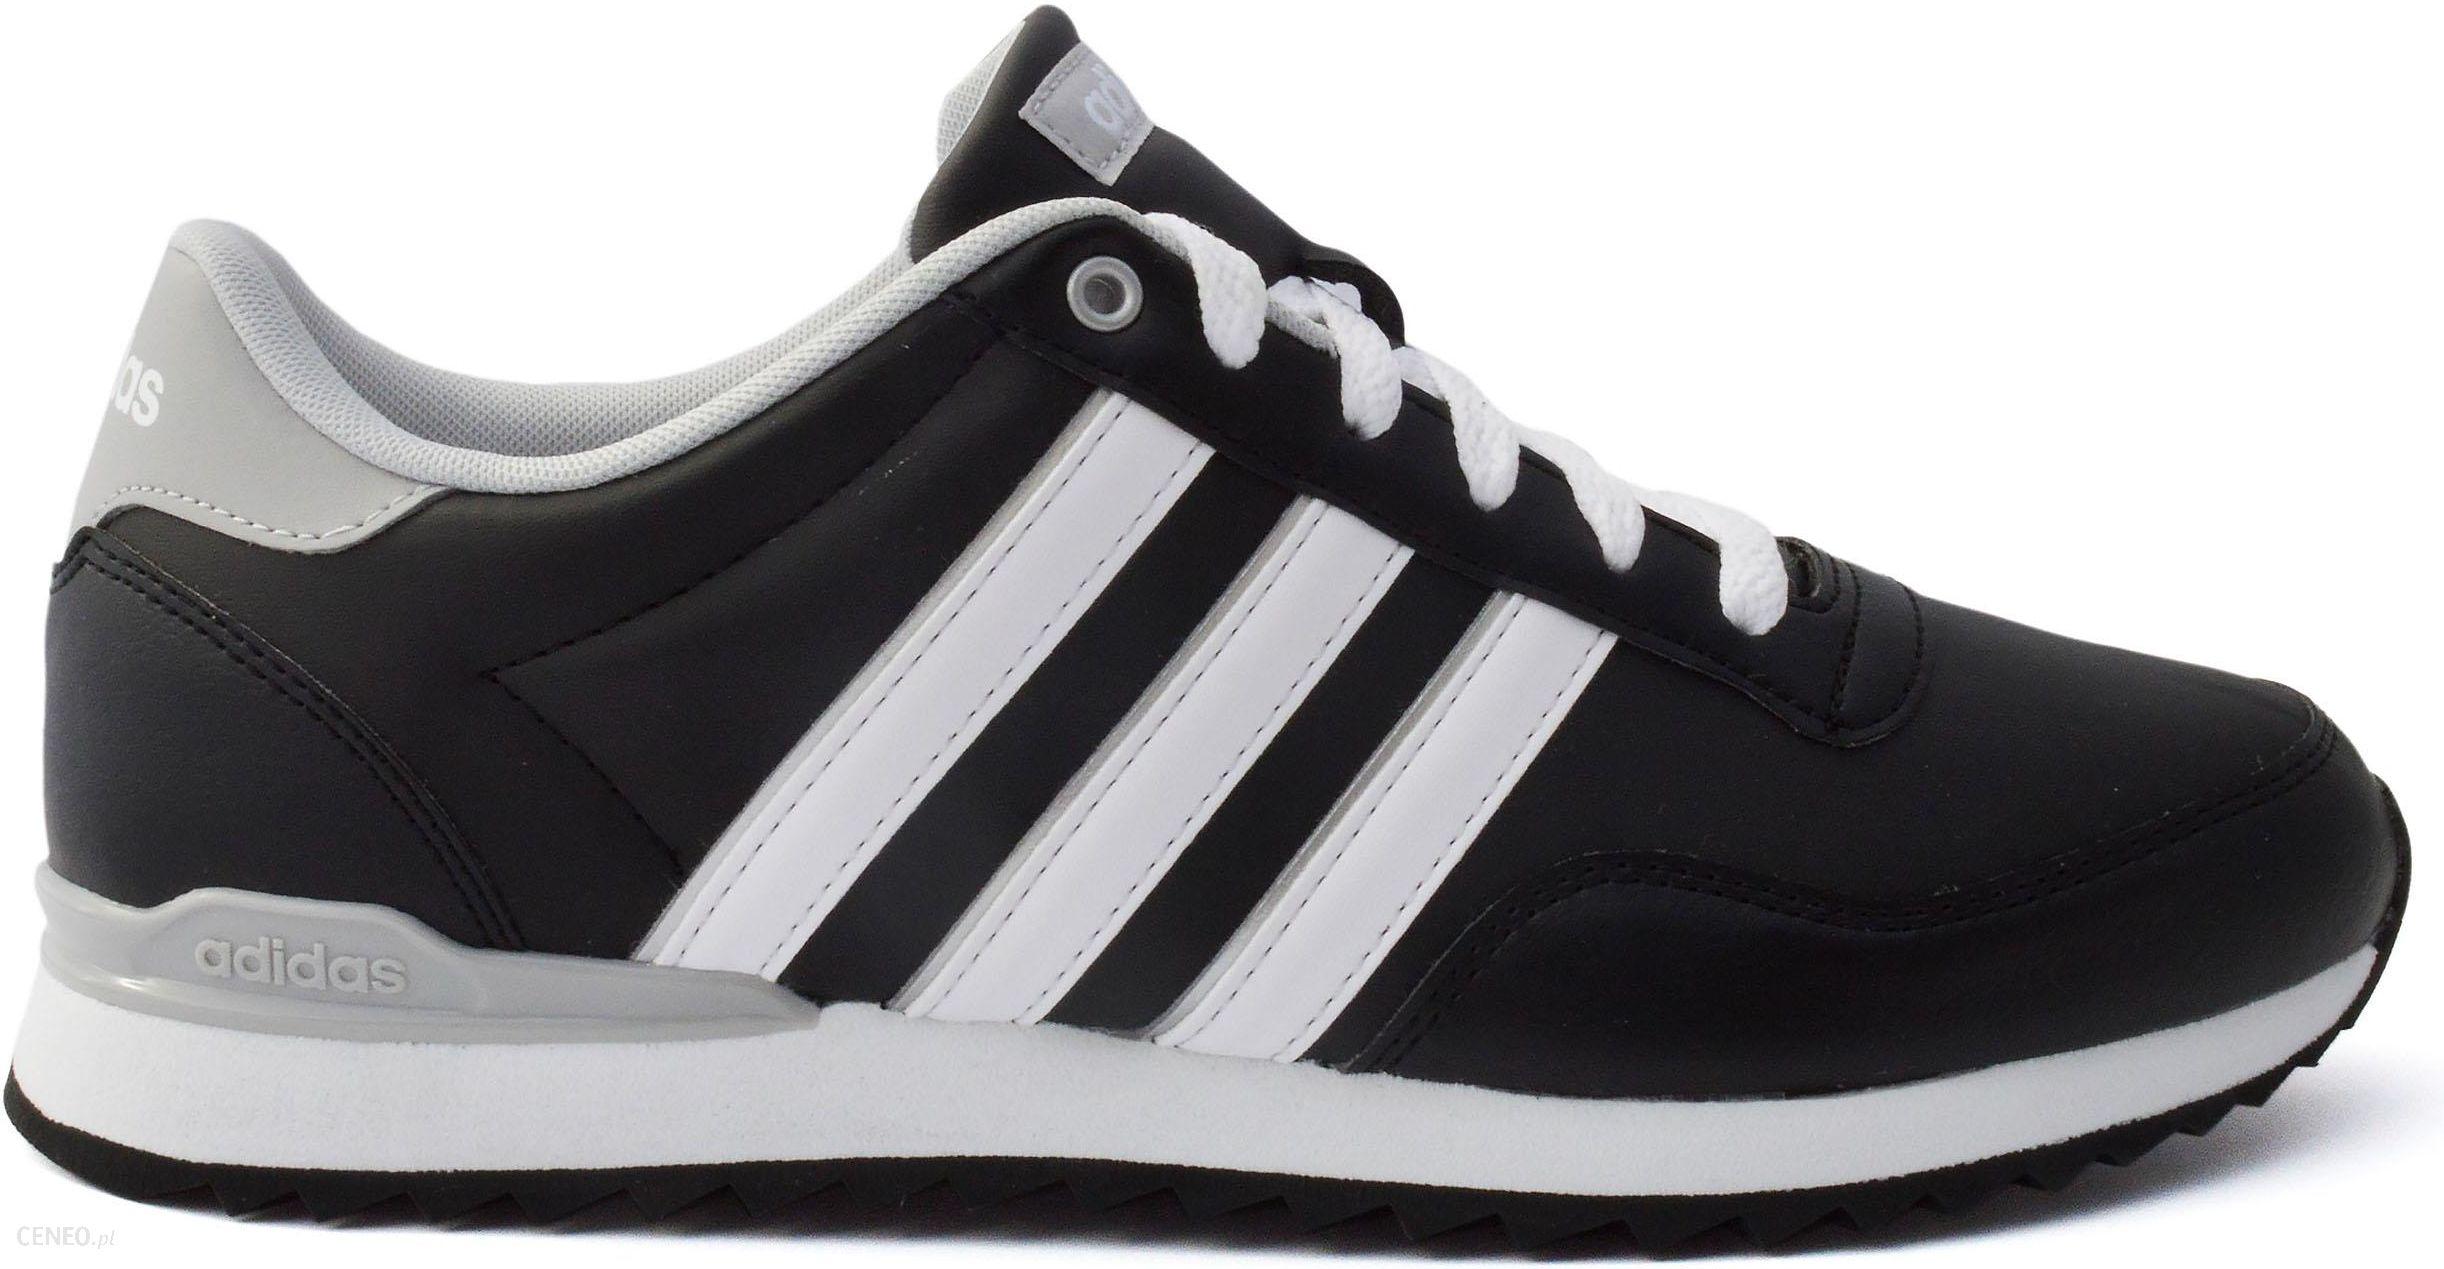 NOWOŚĆ! Buty Męskie Adidas Jogger Cl r.43 racer